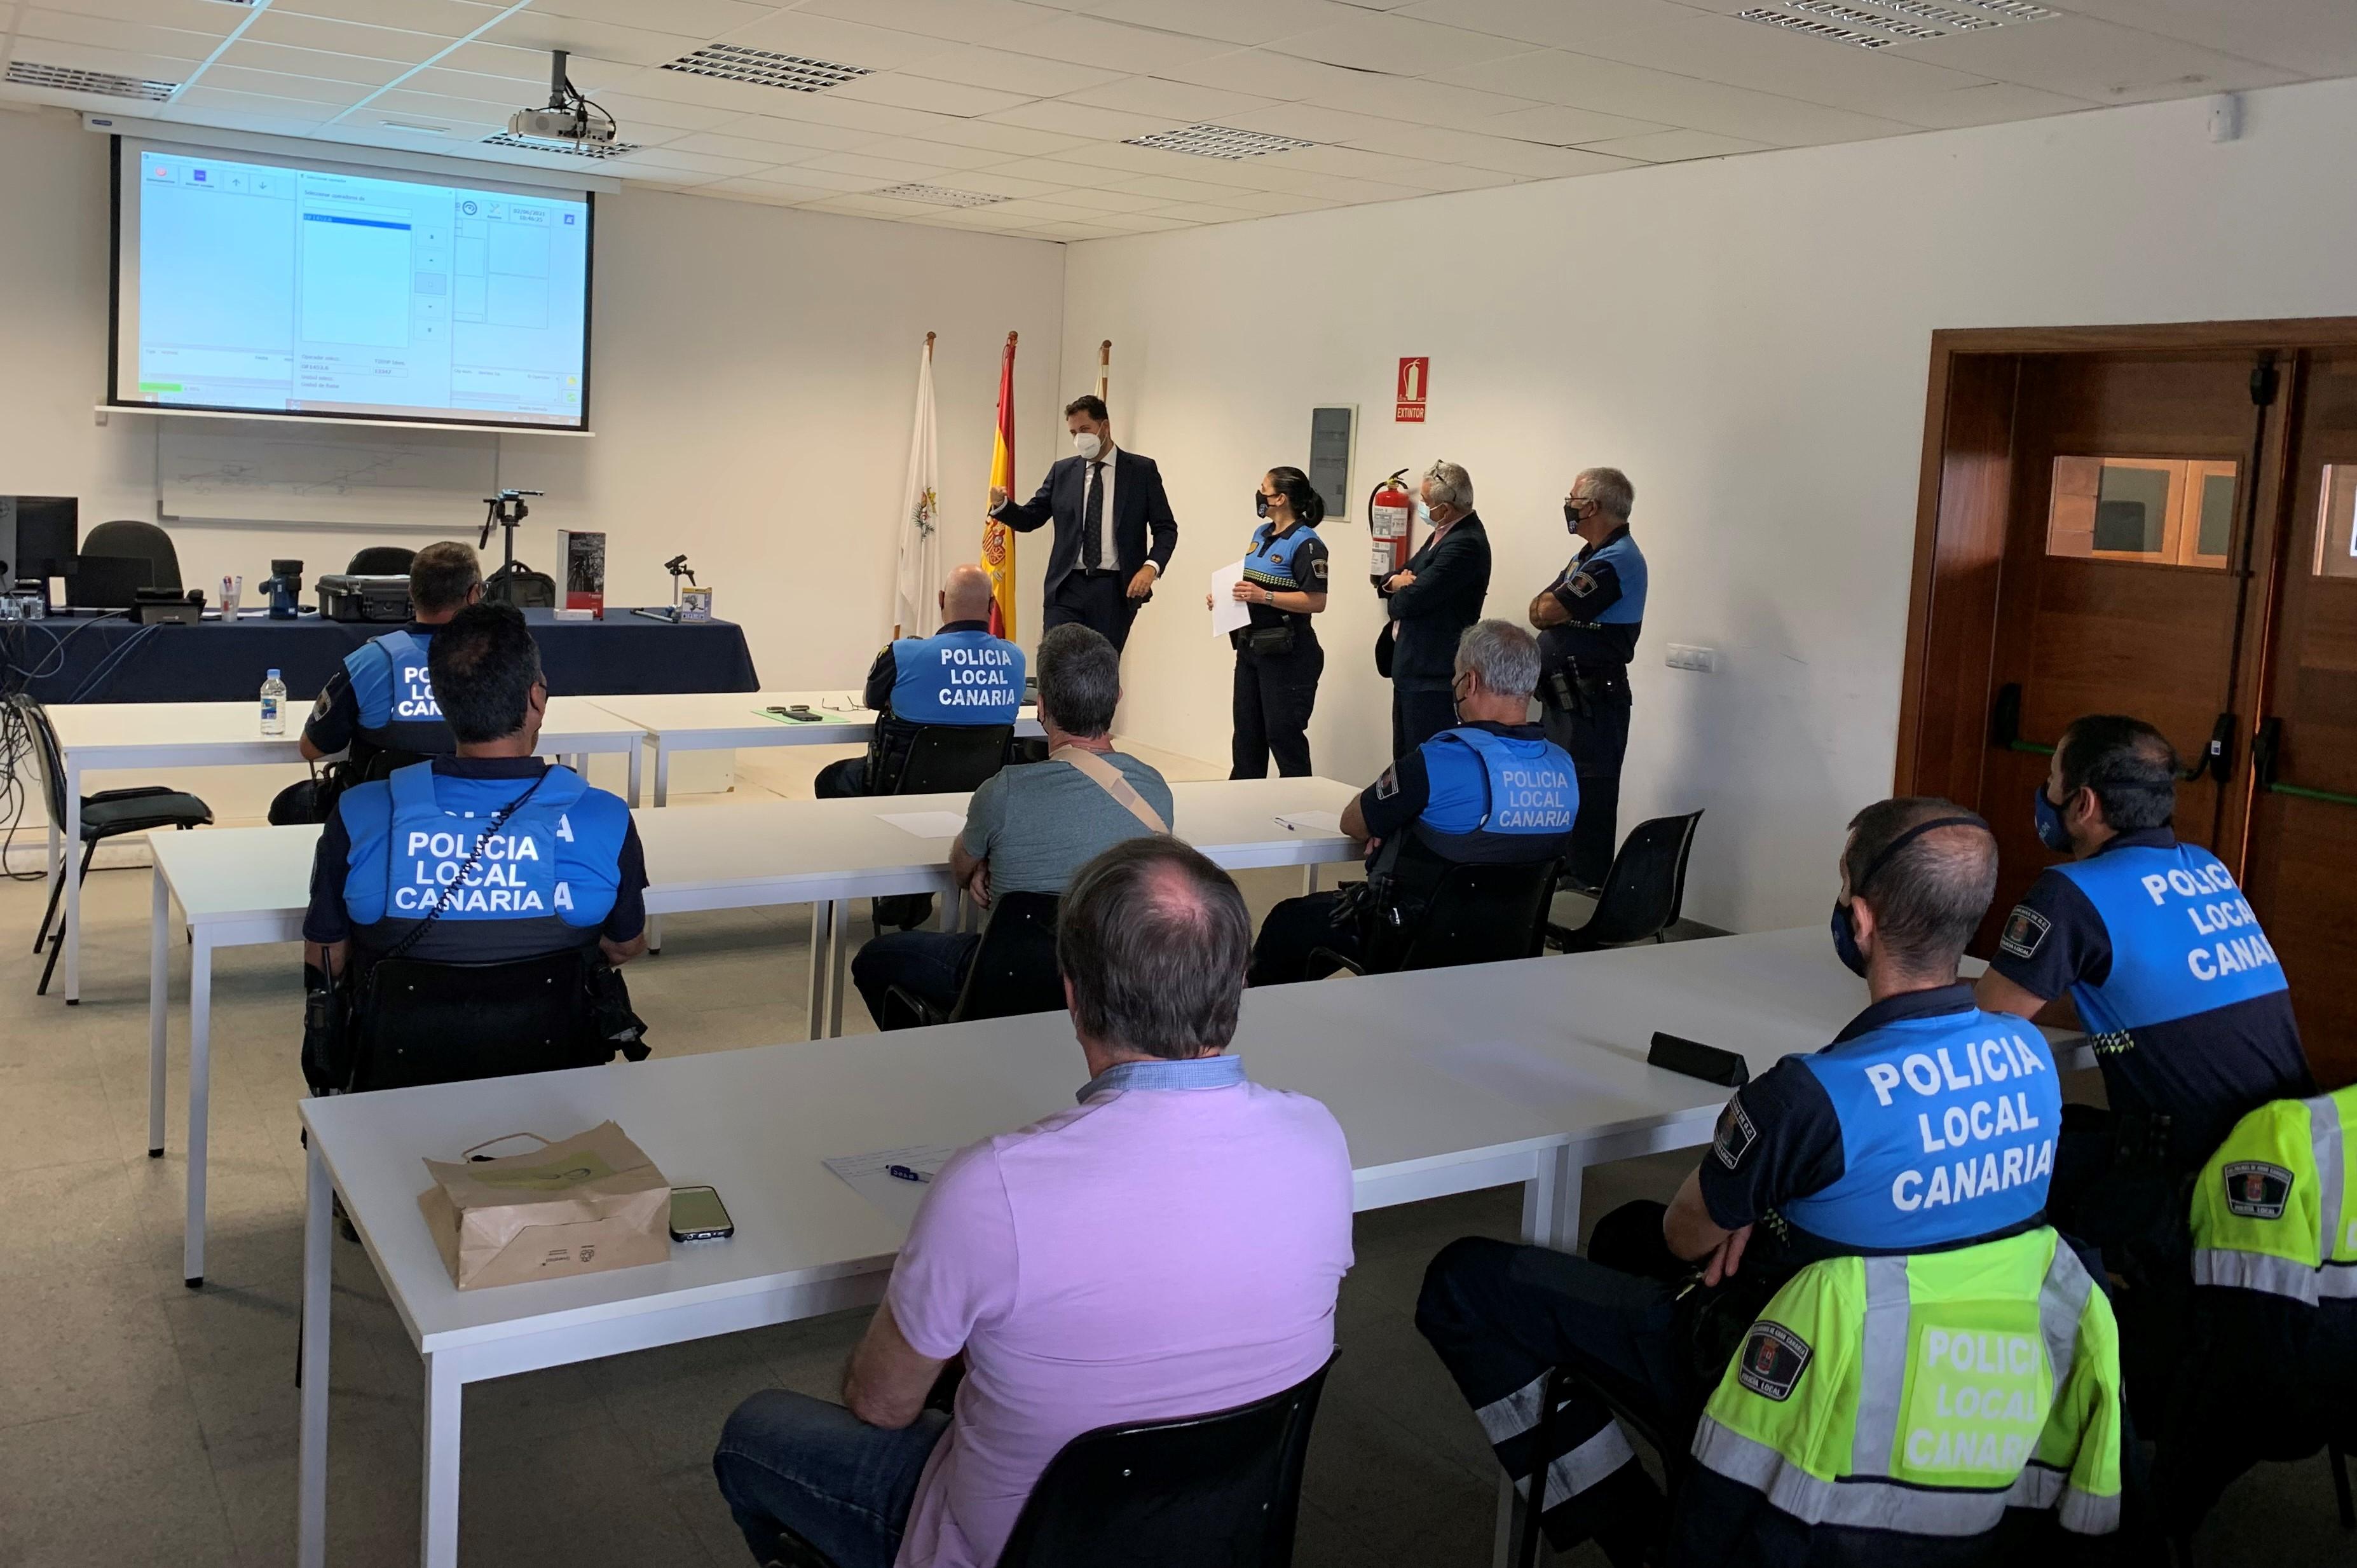 La Policía Local de Las Palmas de Gran Canaria se forma en el uso de radares de última generación / CanariasNoticias.es